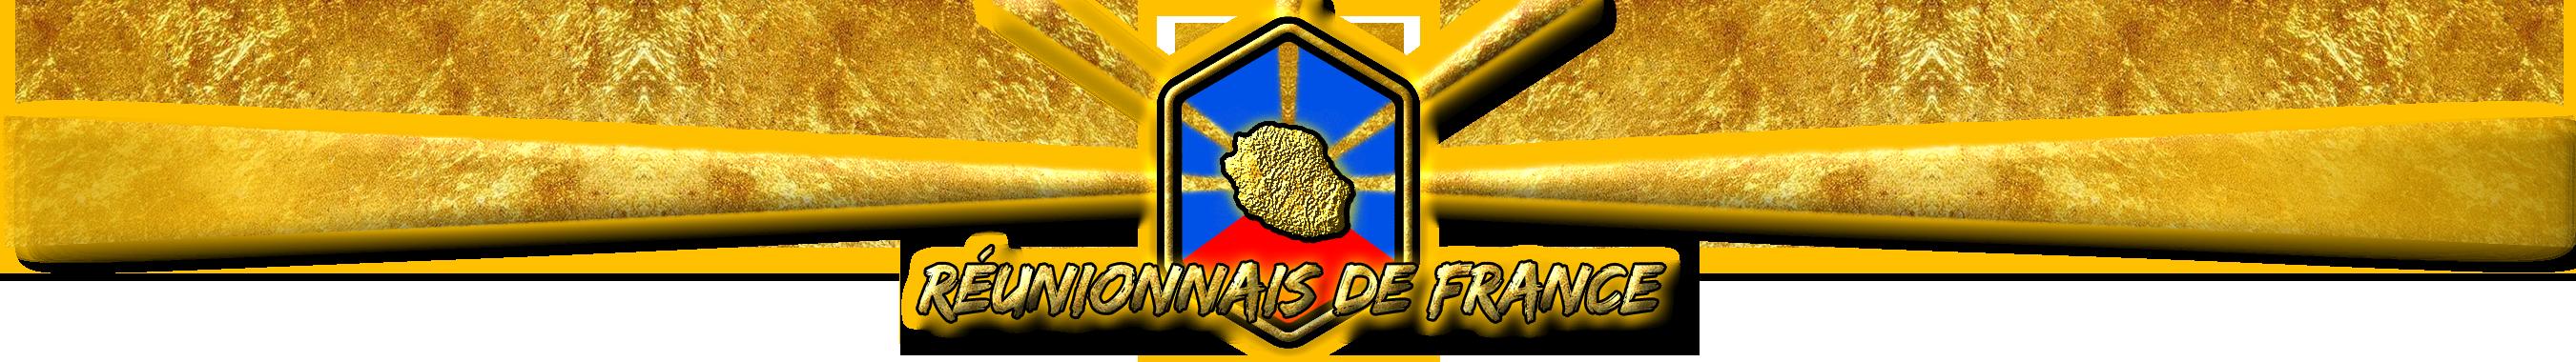 Réunionnais de France Métropolitaine